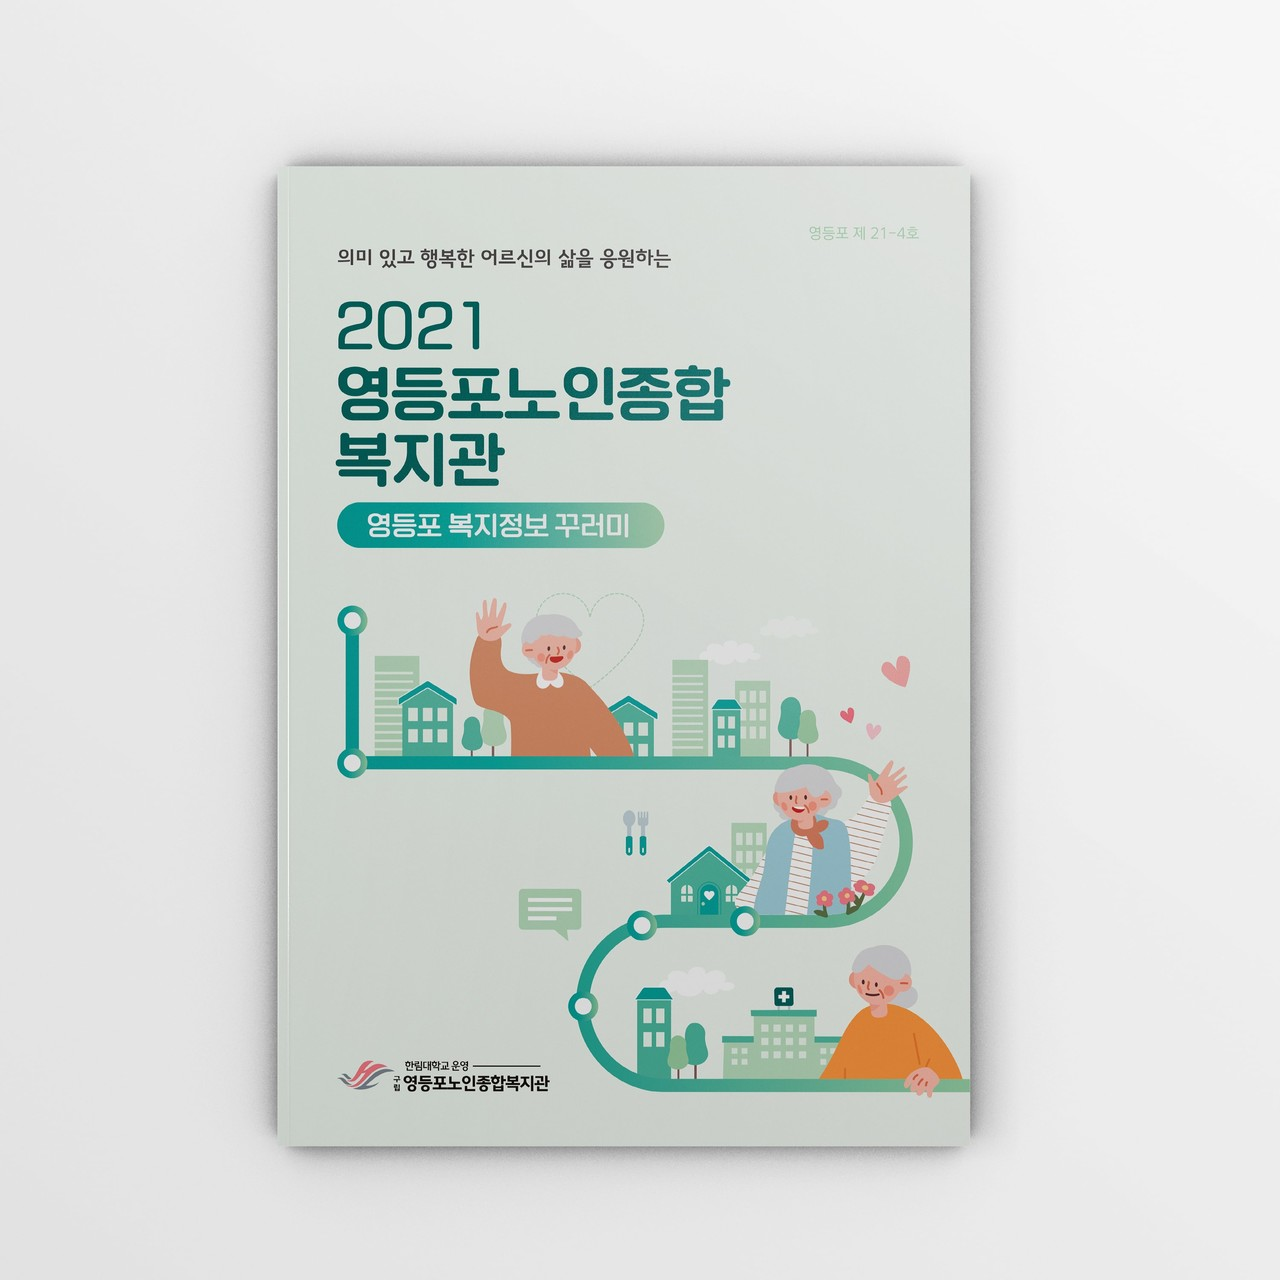 2021 영등포노인종합복지관 - 영등포노인종합복지관